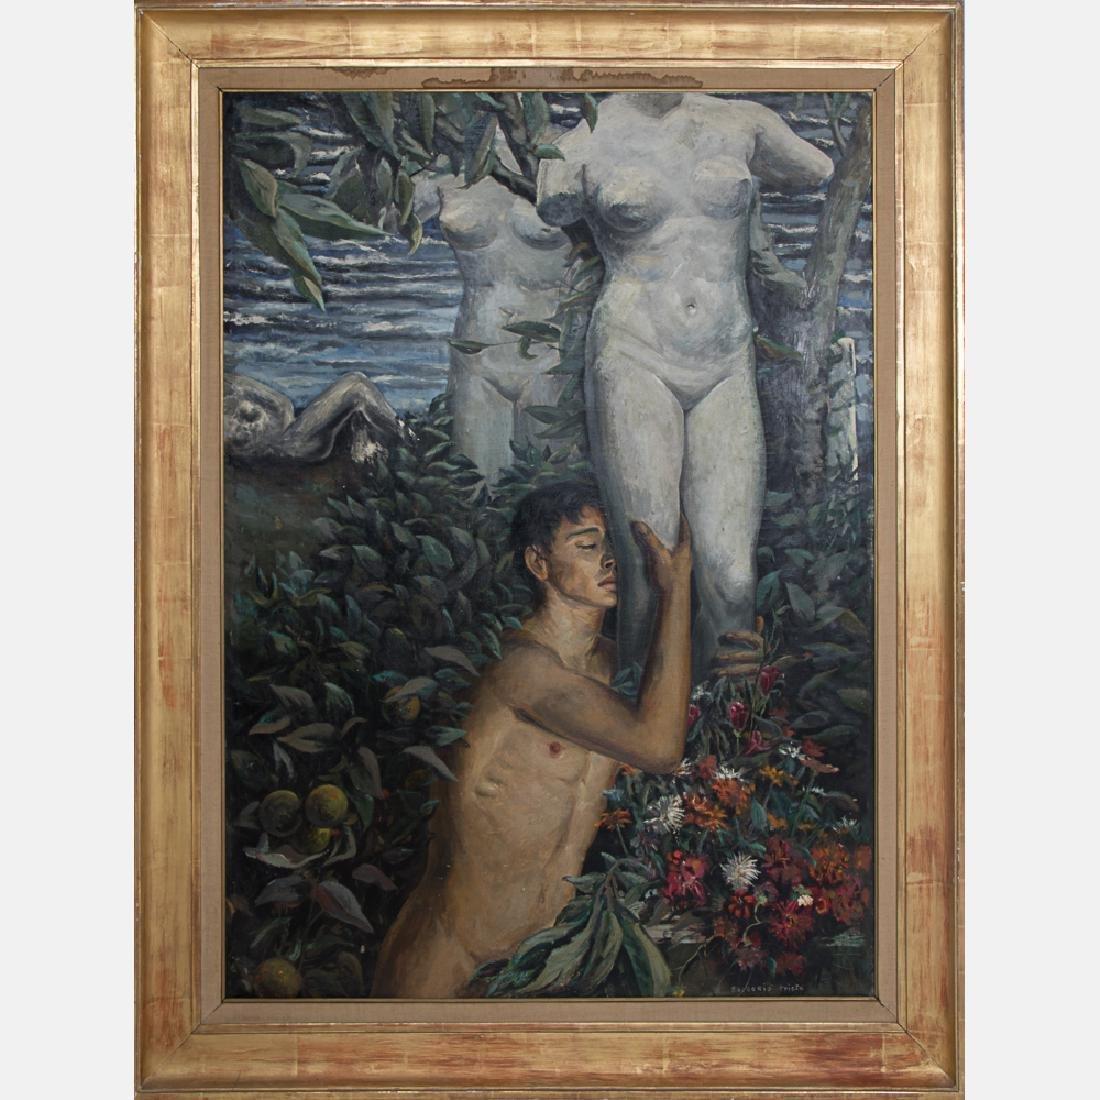 Gregorio Prieto Munoz (1897-1992) Untitled (Male Nude